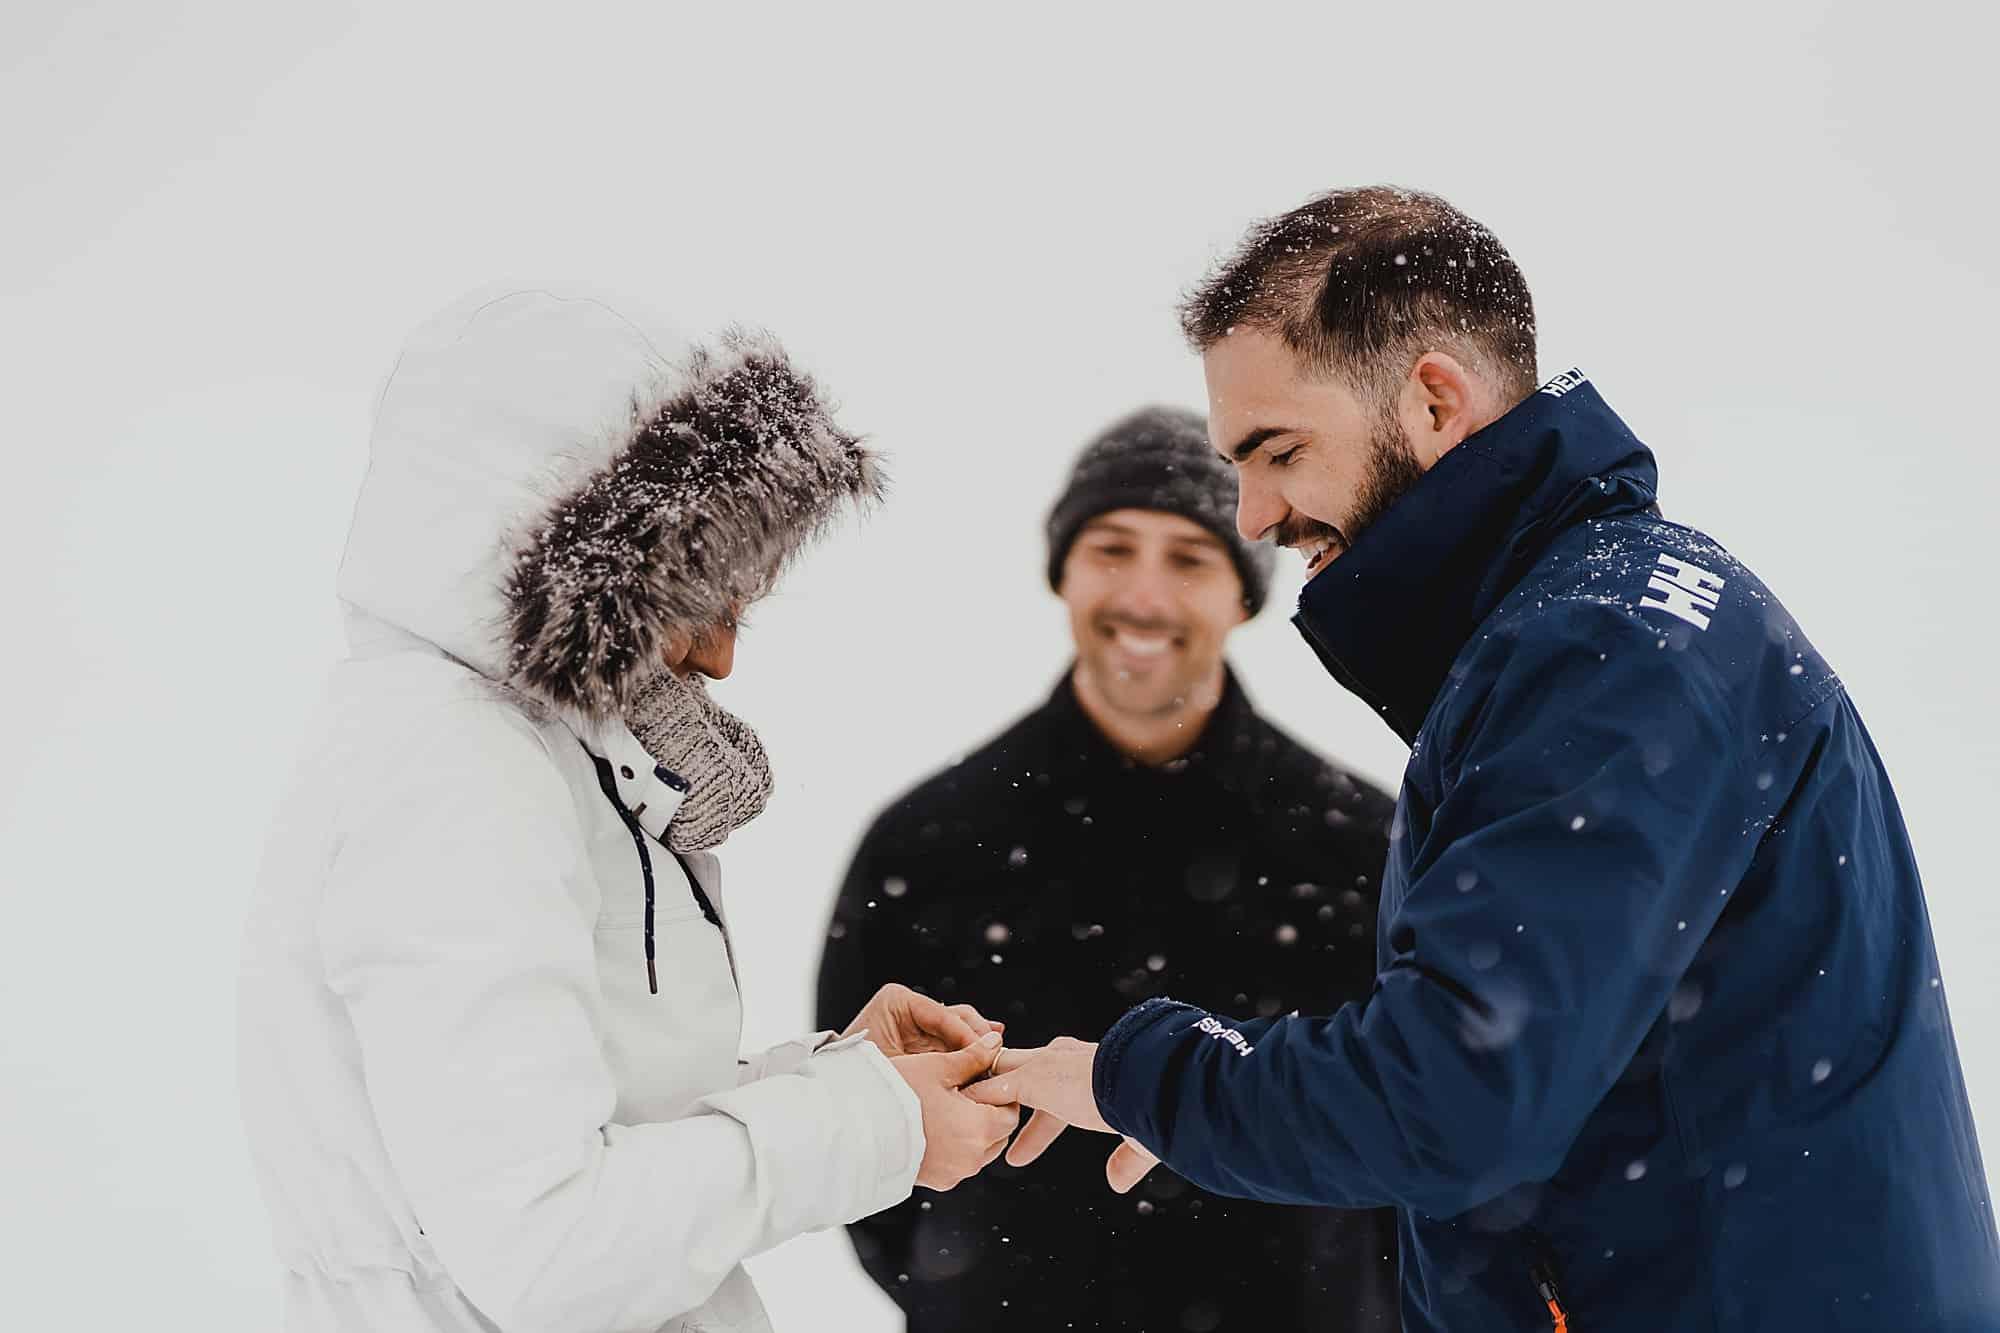 ring exchange whistler skiing wedding